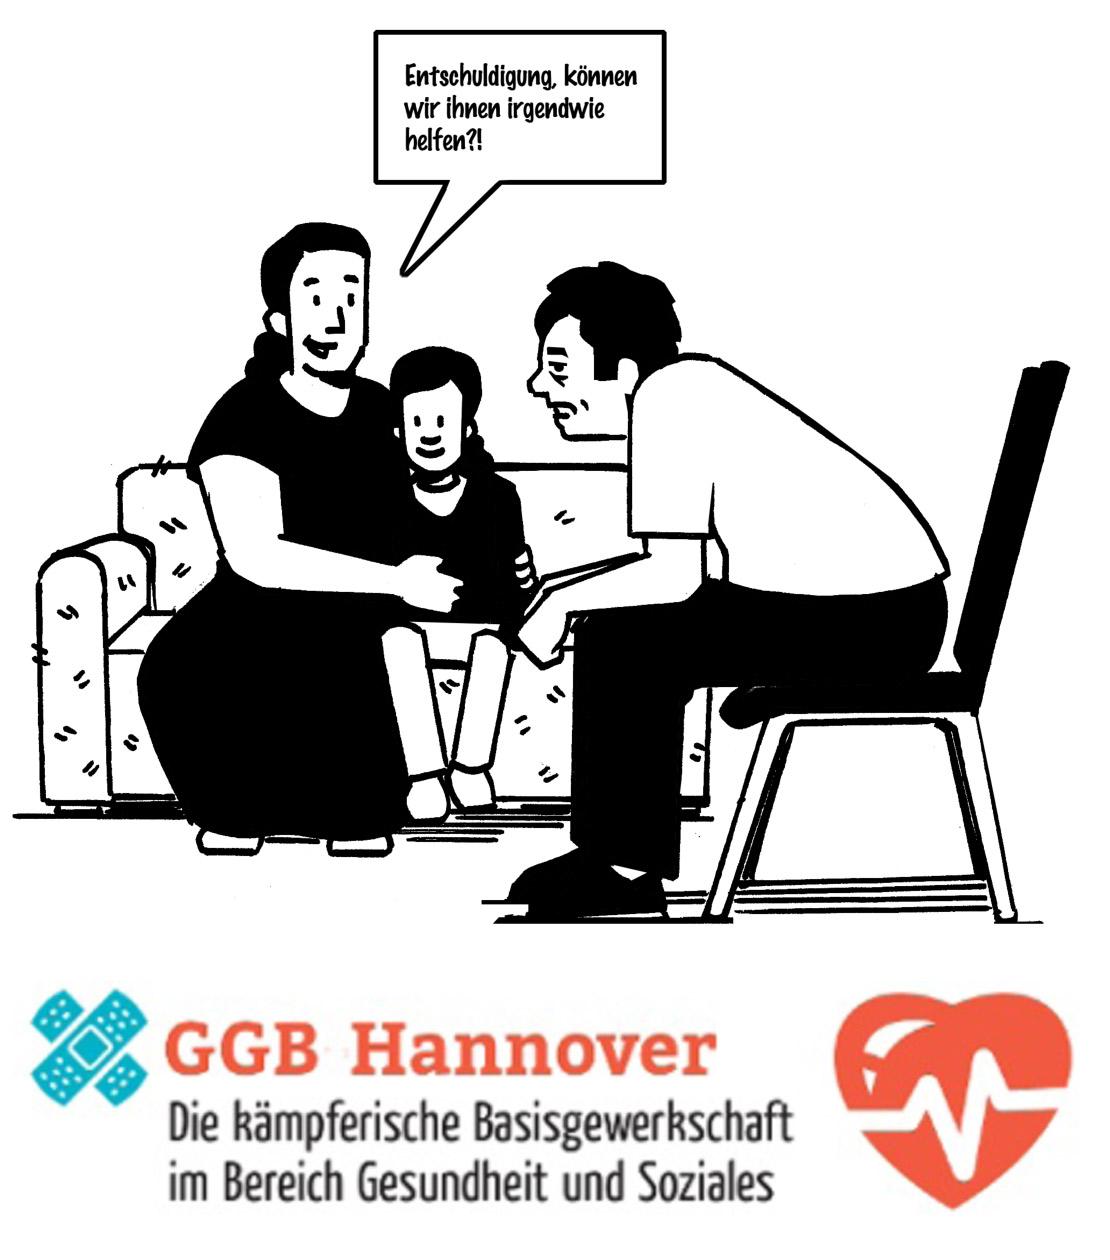 Flugblatt der GGB